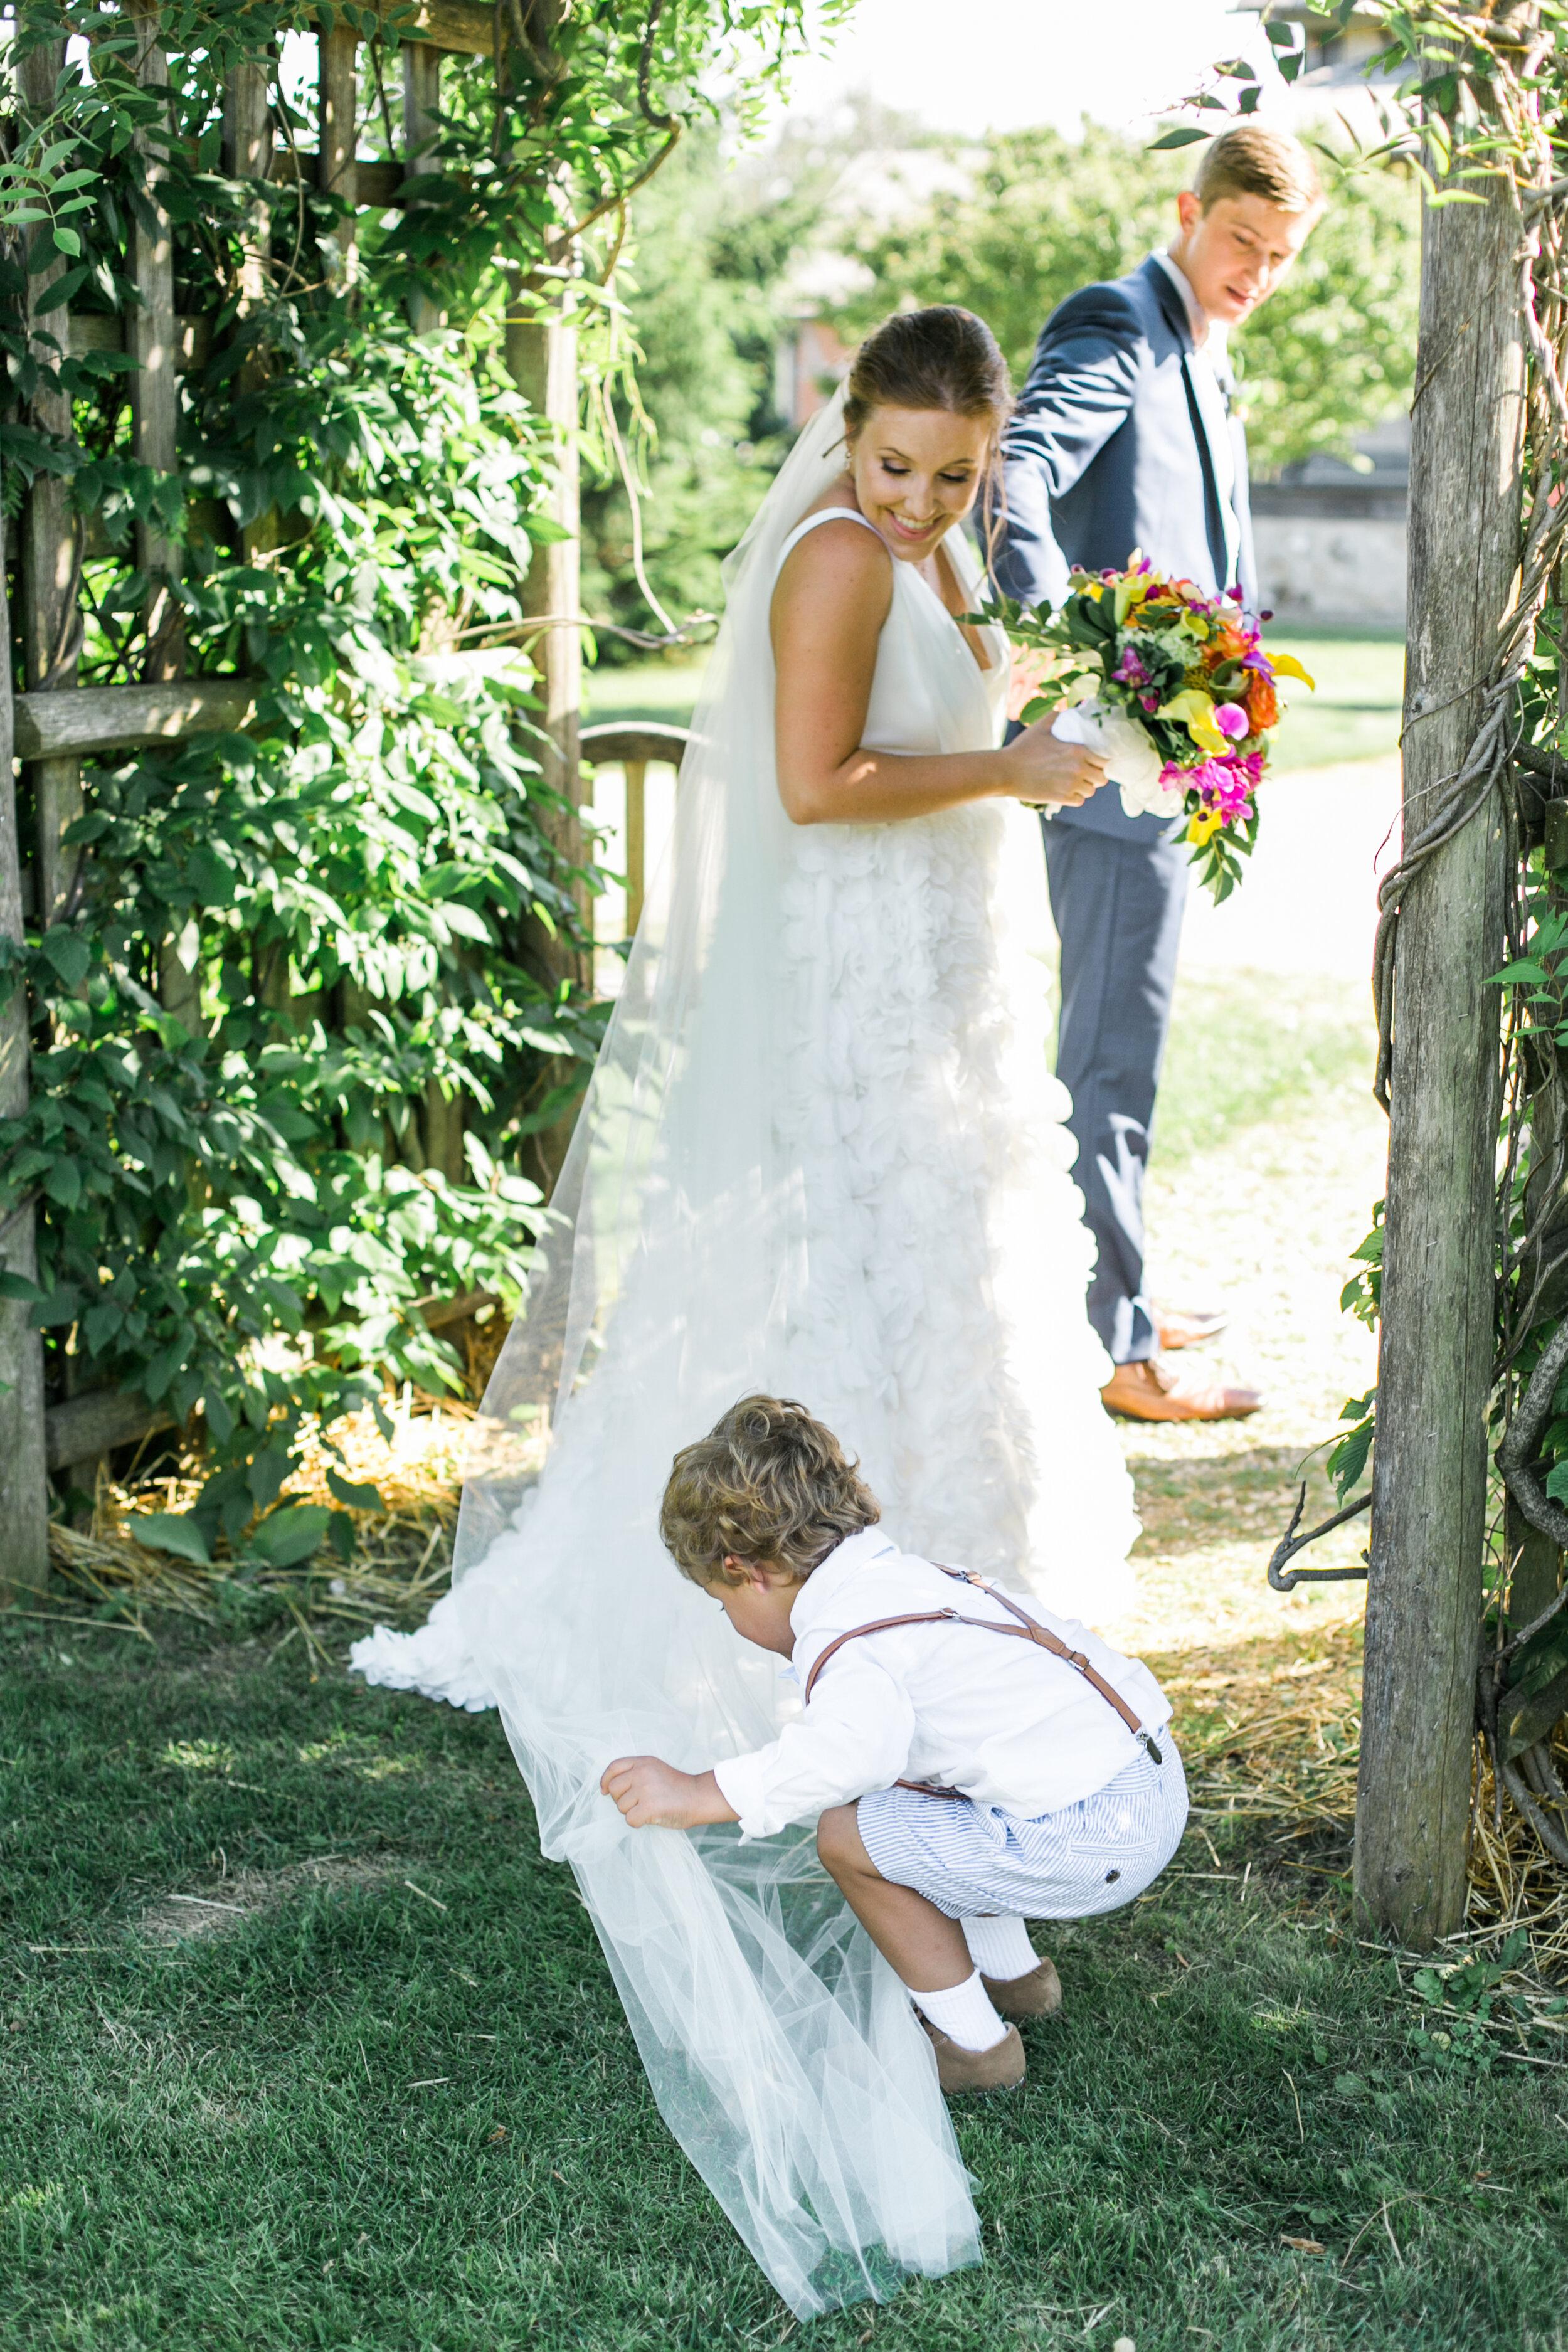 The cute ringbearer didn't hurt the photos. :)